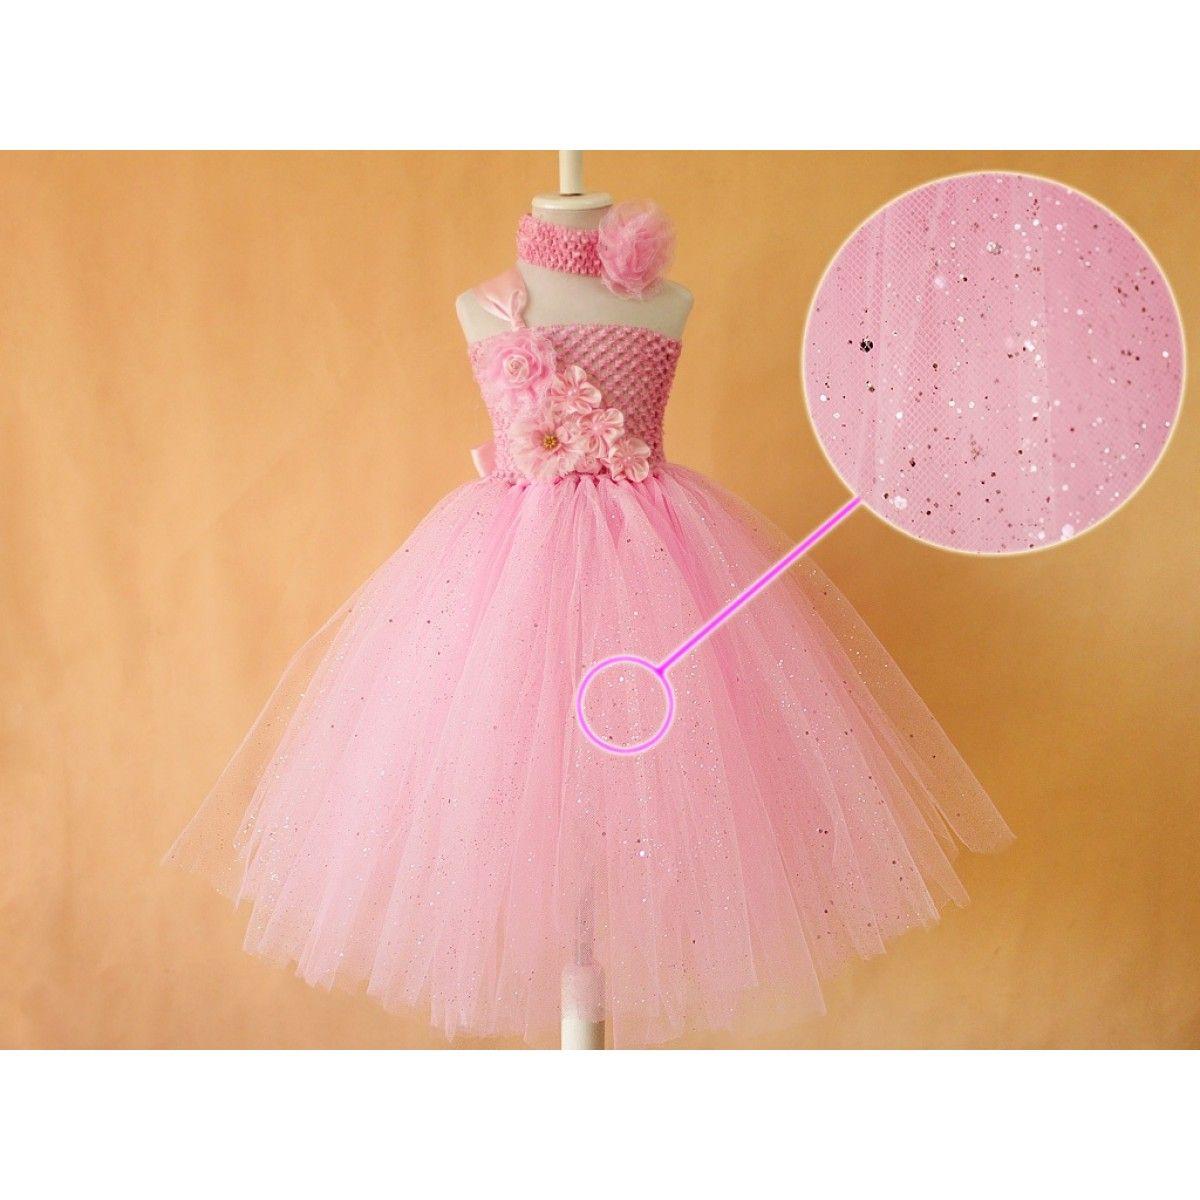 Lujo Infants Party Dresses Composición - Colección de Vestidos de ...